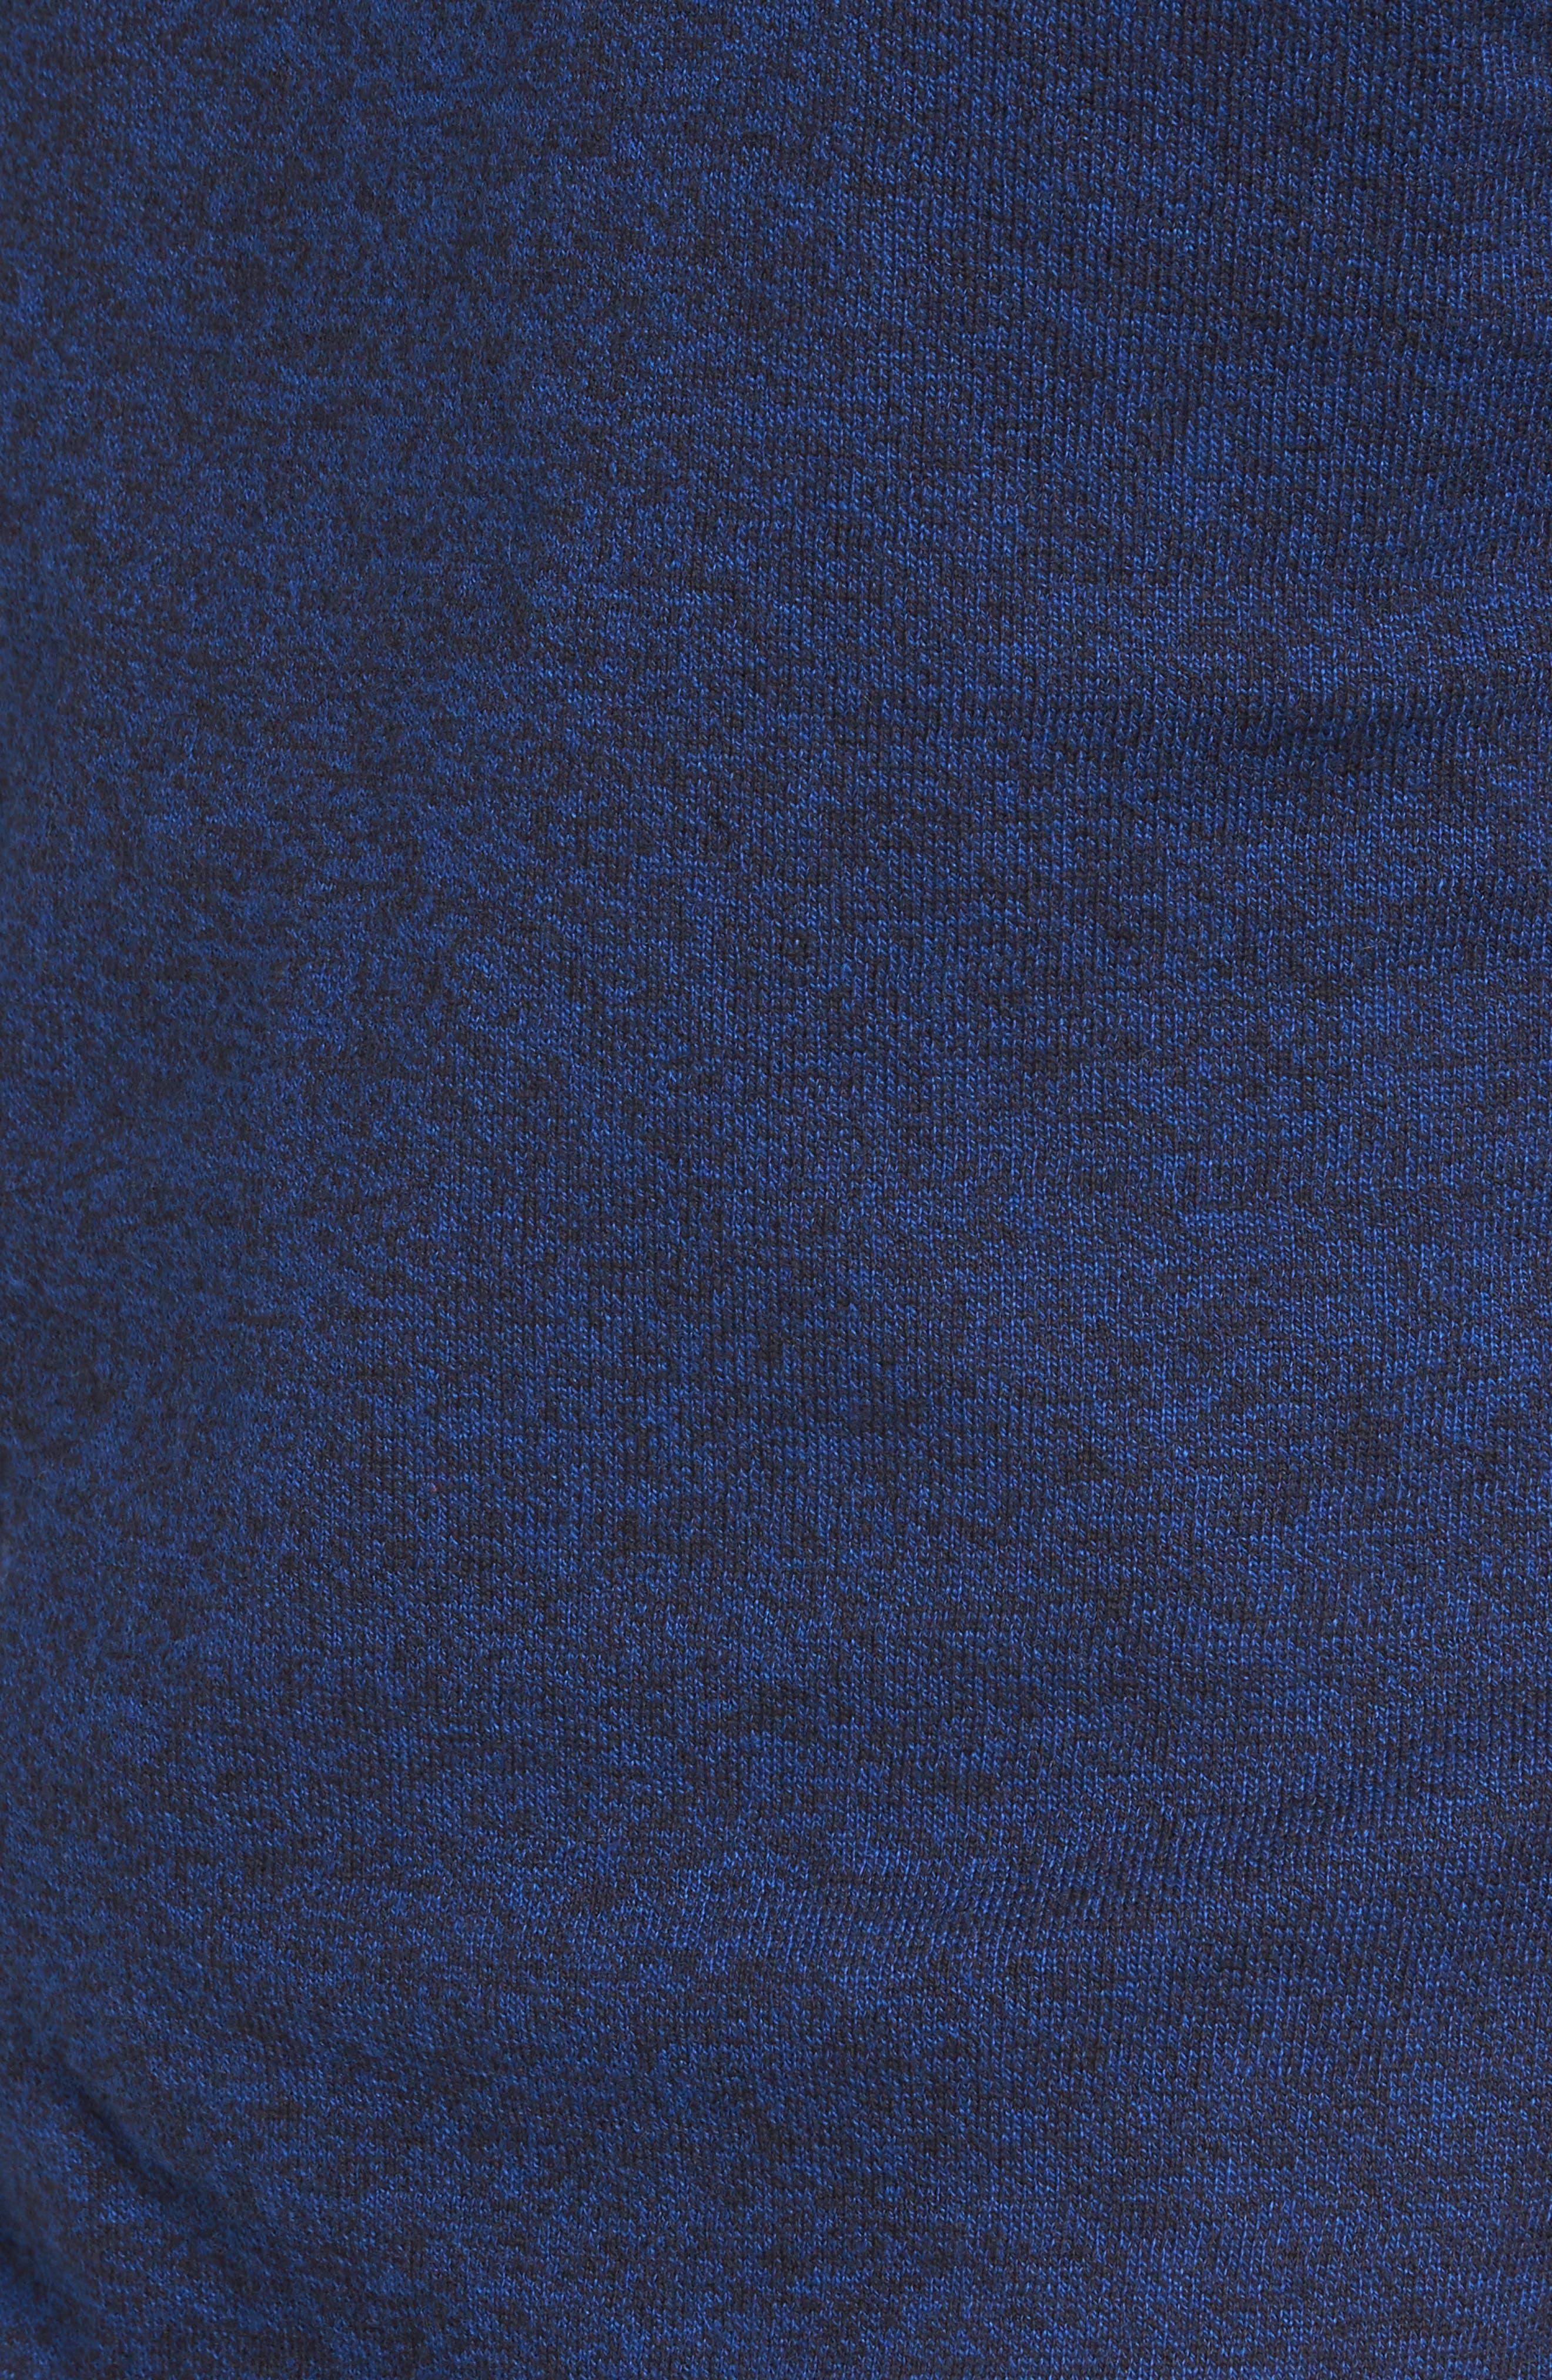 Saddle Shoulder Cotton & Cashmere V-Neck Sweater,                             Alternate thumbnail 38, color,